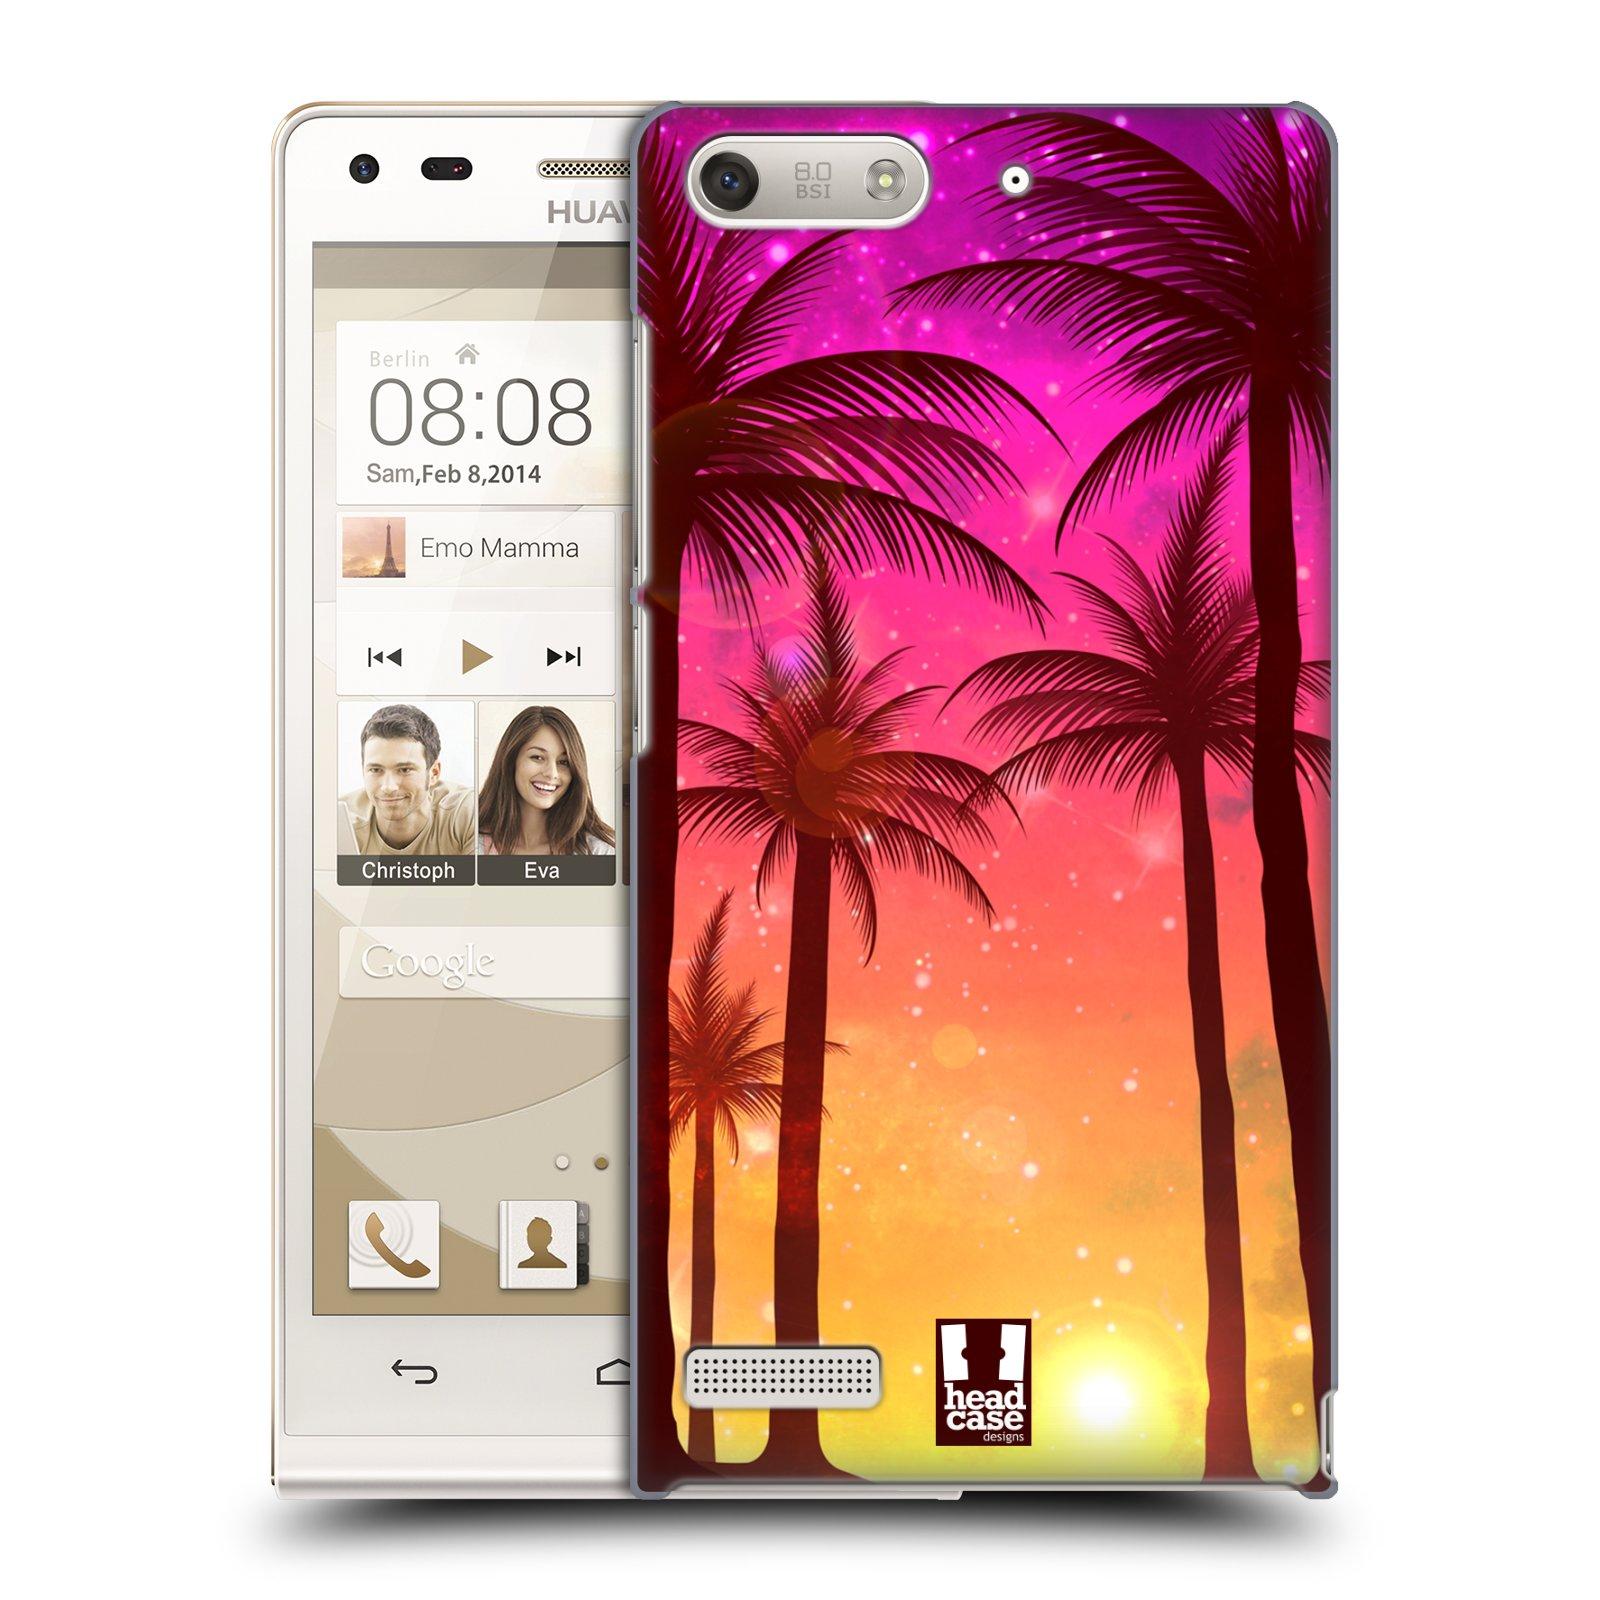 Plastové pouzdro na mobil Huawei Ascend G6 HEAD CASE PALMY RŮŽOVÉ (Kryt či obal na mobilní telefon Huawei Ascend G6 bez LTE)